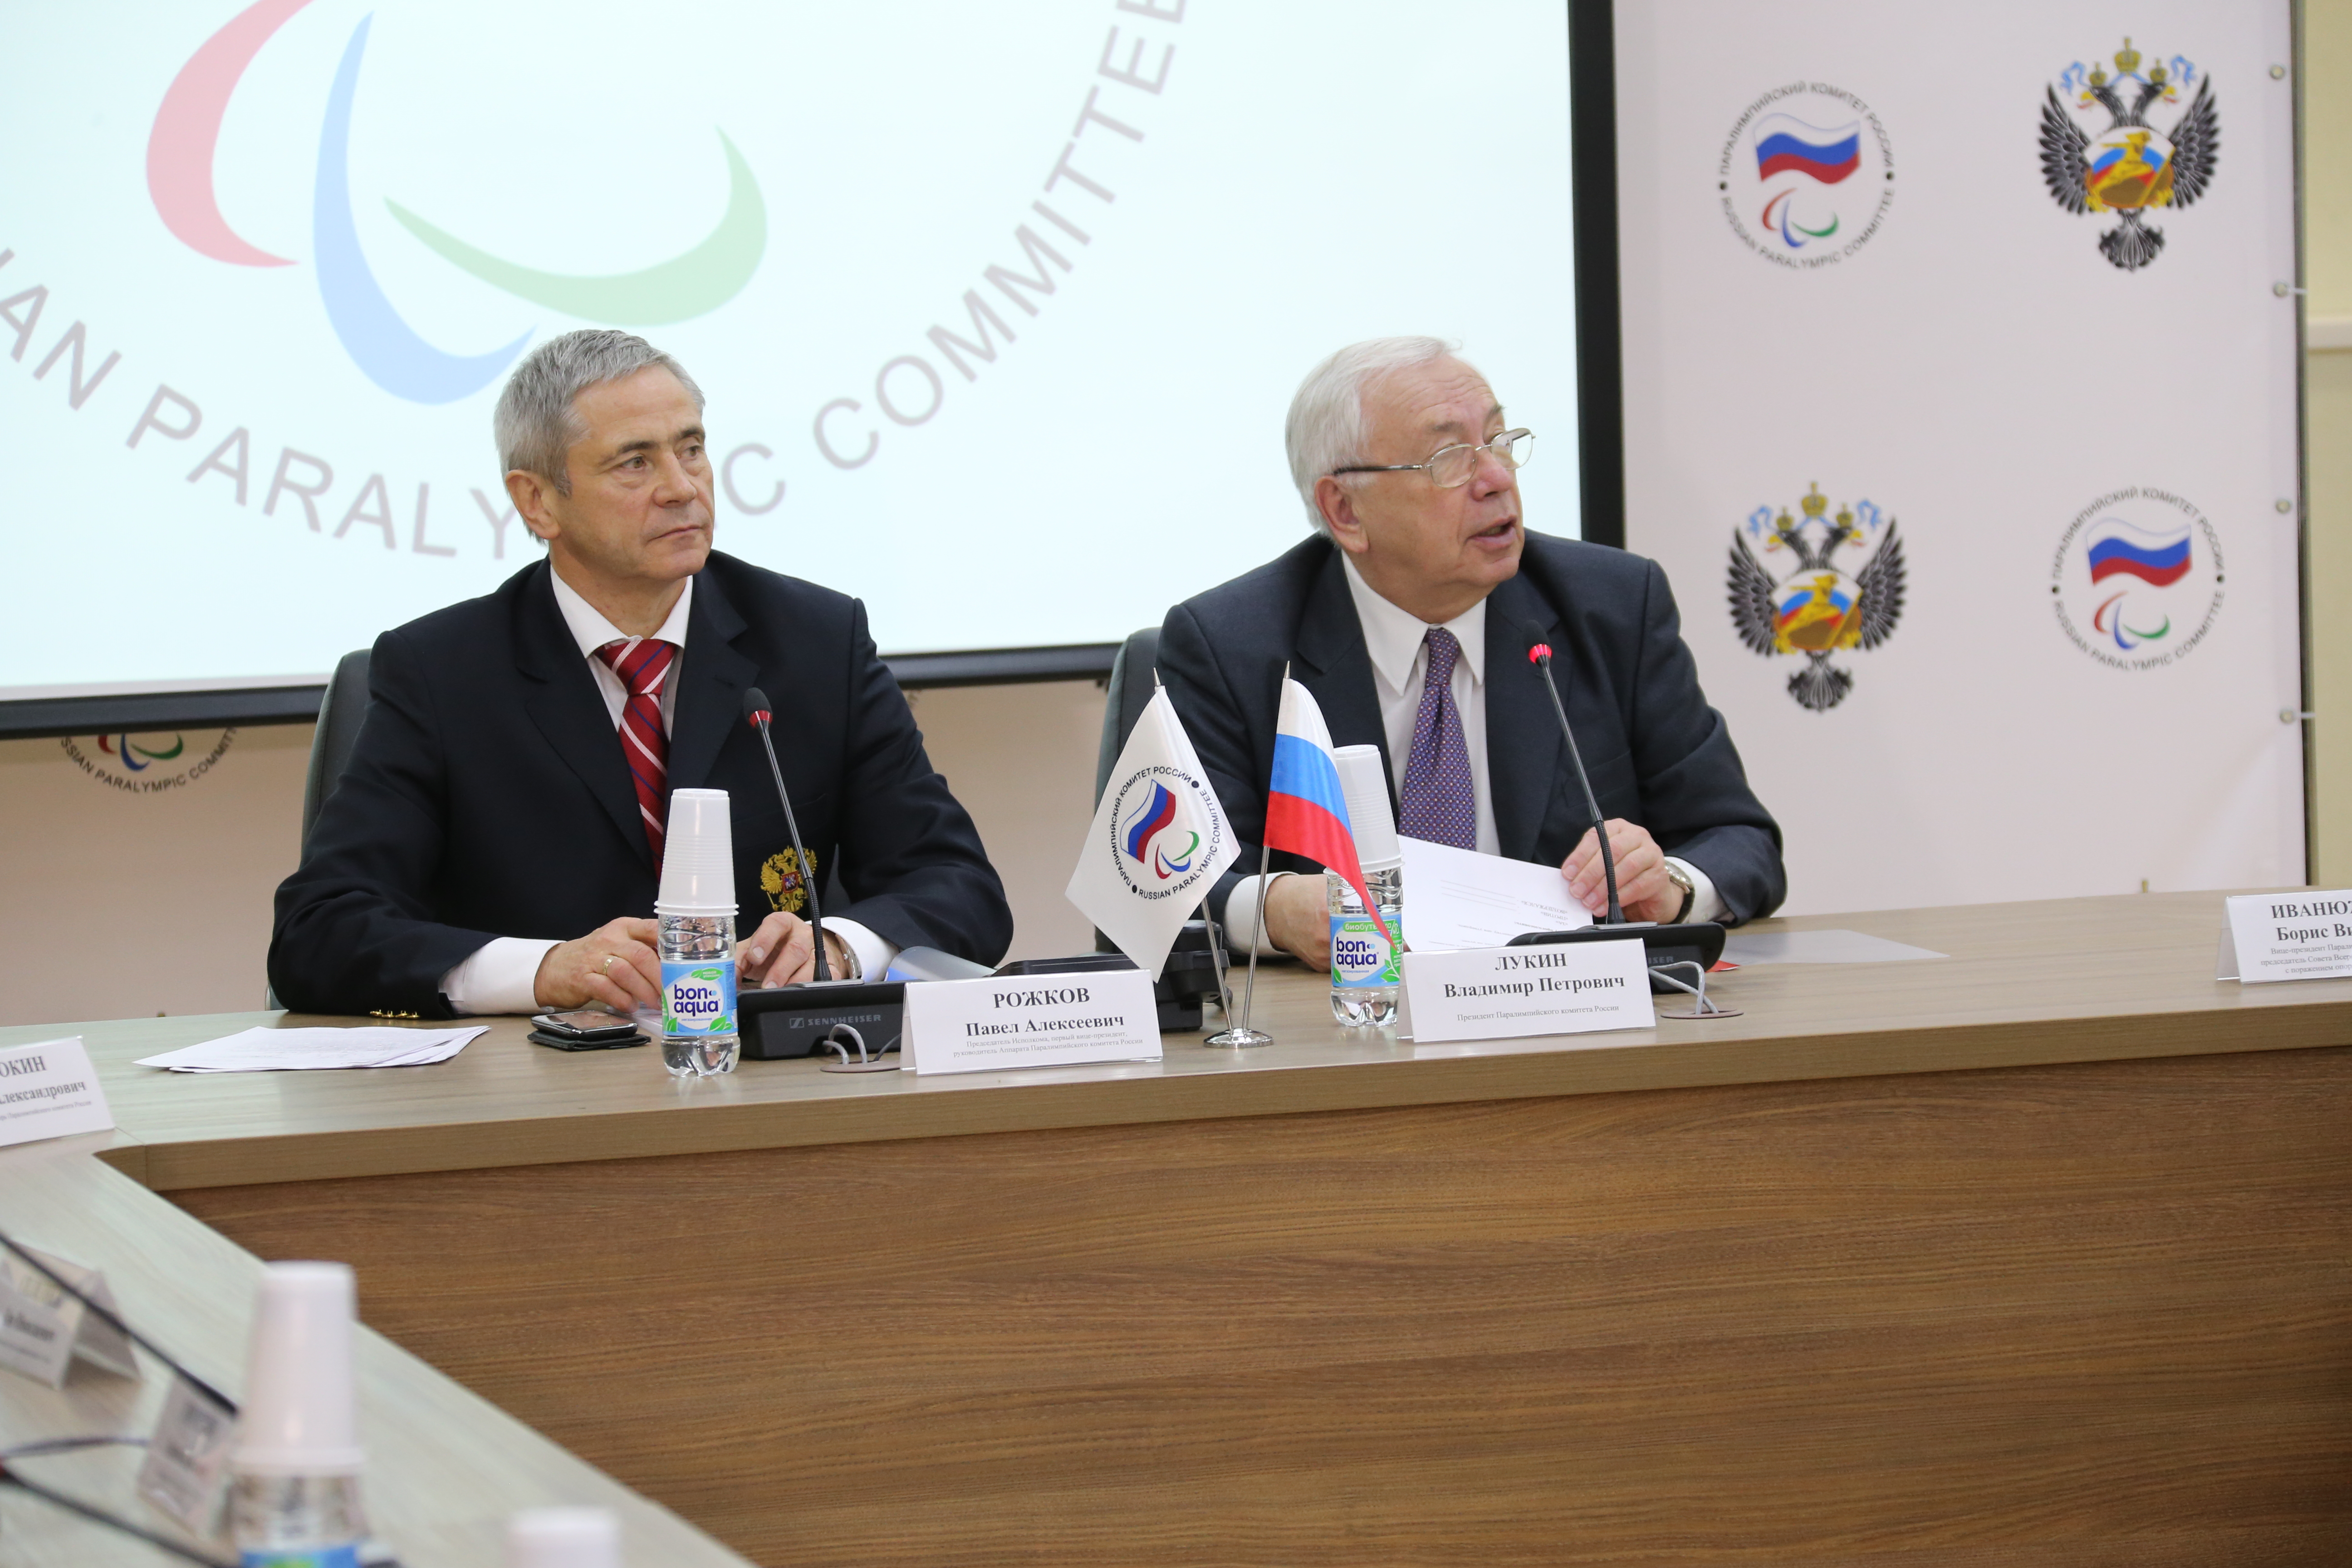 В.П. Лукин в зале Исполкома Дома паралимпийского спорта провел заседание Исполкома Паралимпийского комитета России